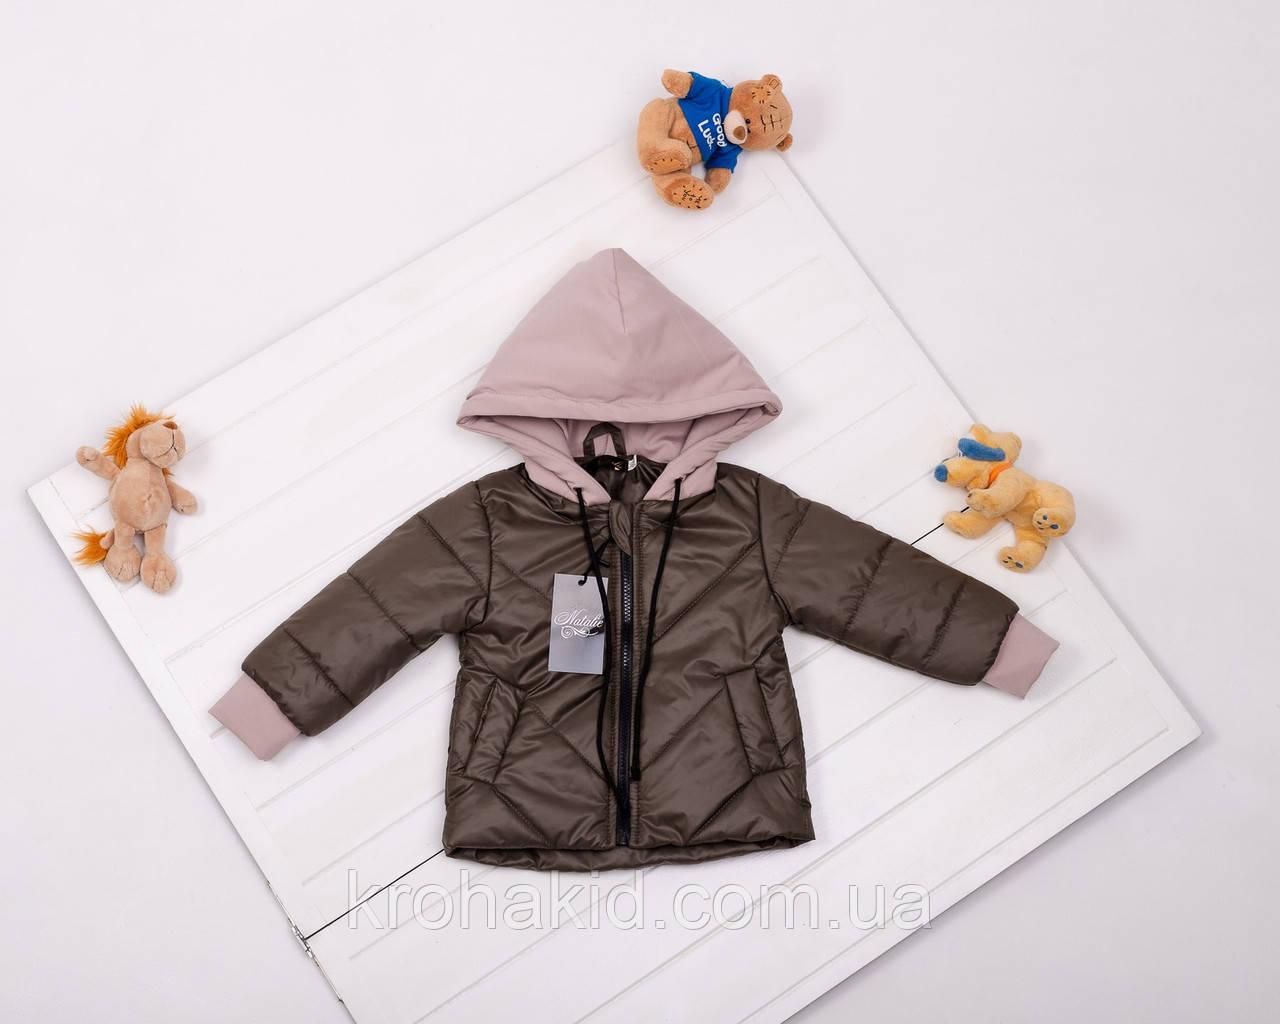 Демісезонна дитяча курточка ( 86, 92, 98, 104, 110, 116, 122, 128, 134 )